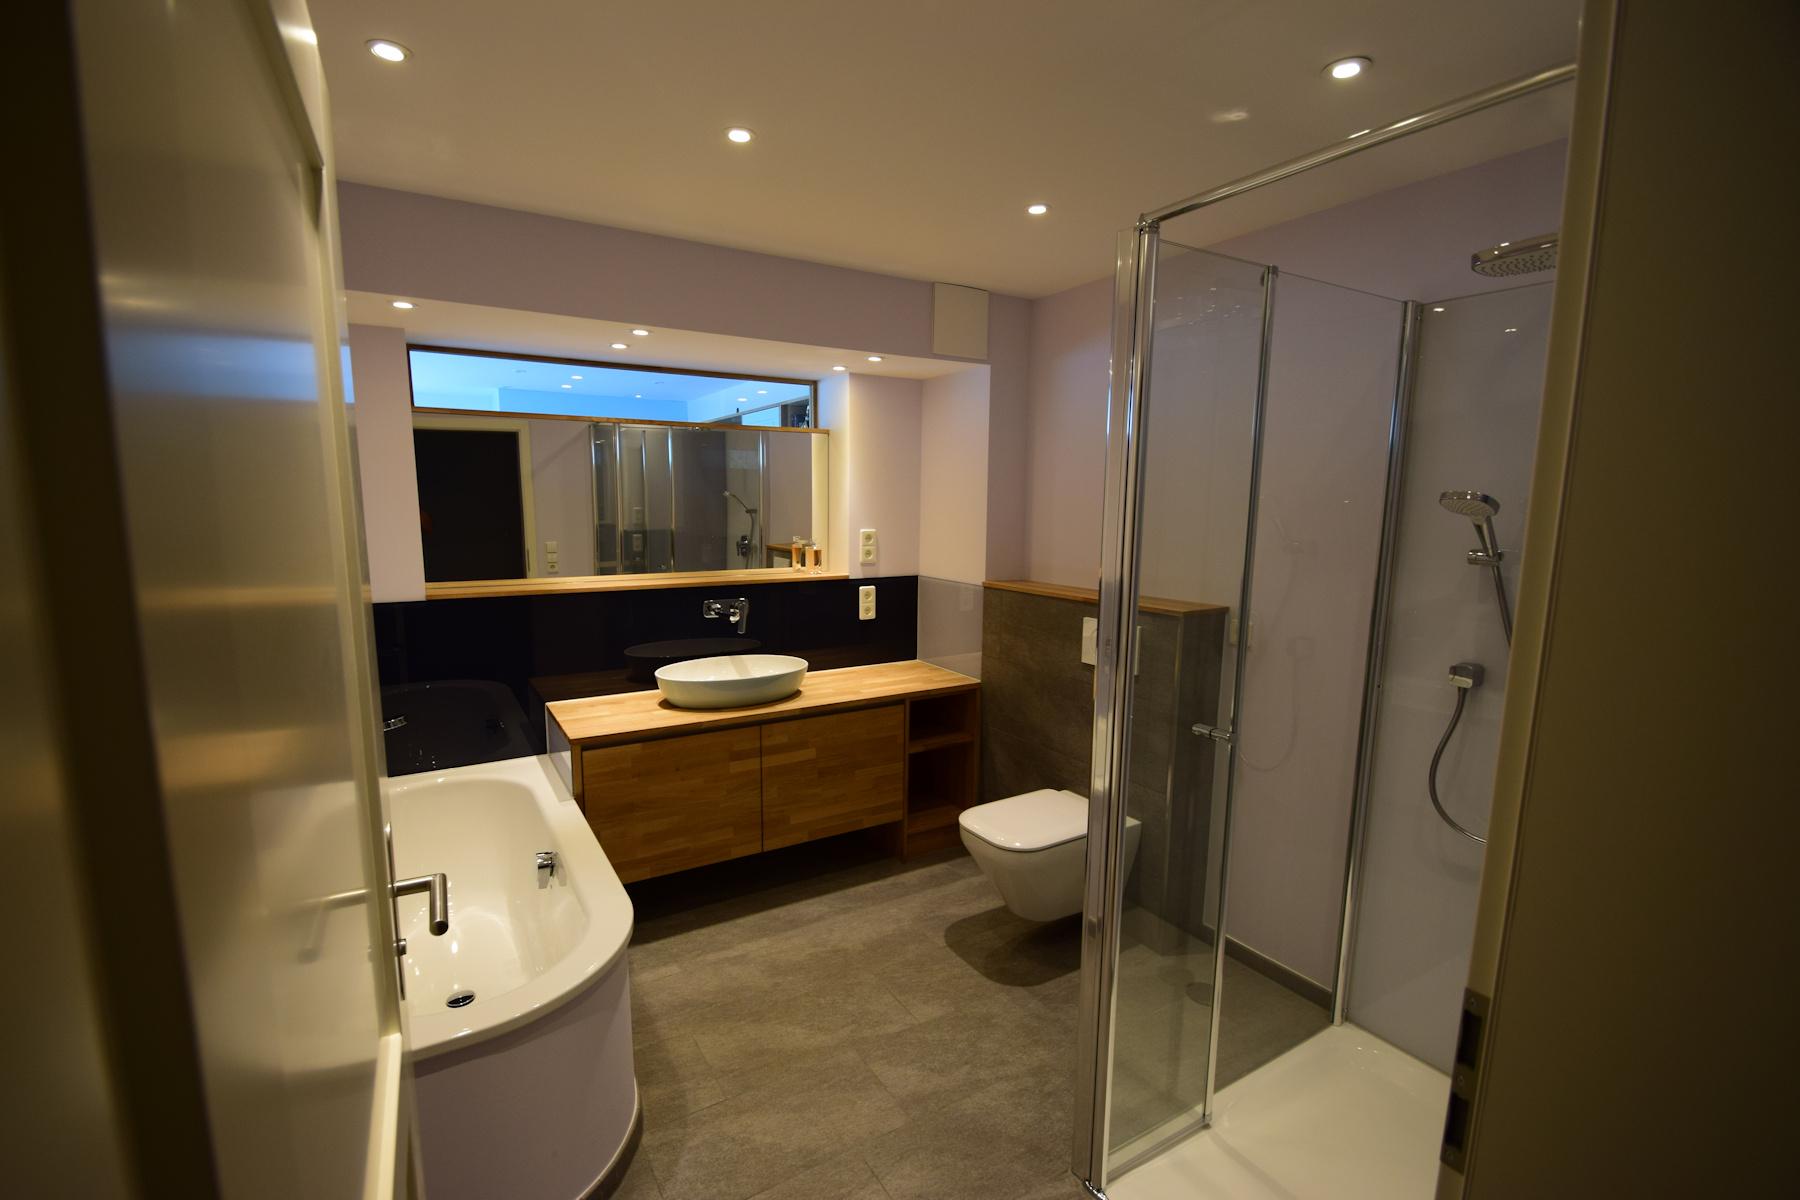 Badezimmer modern und stylisch - Willkommen bei Schiffbauer Bad und ...